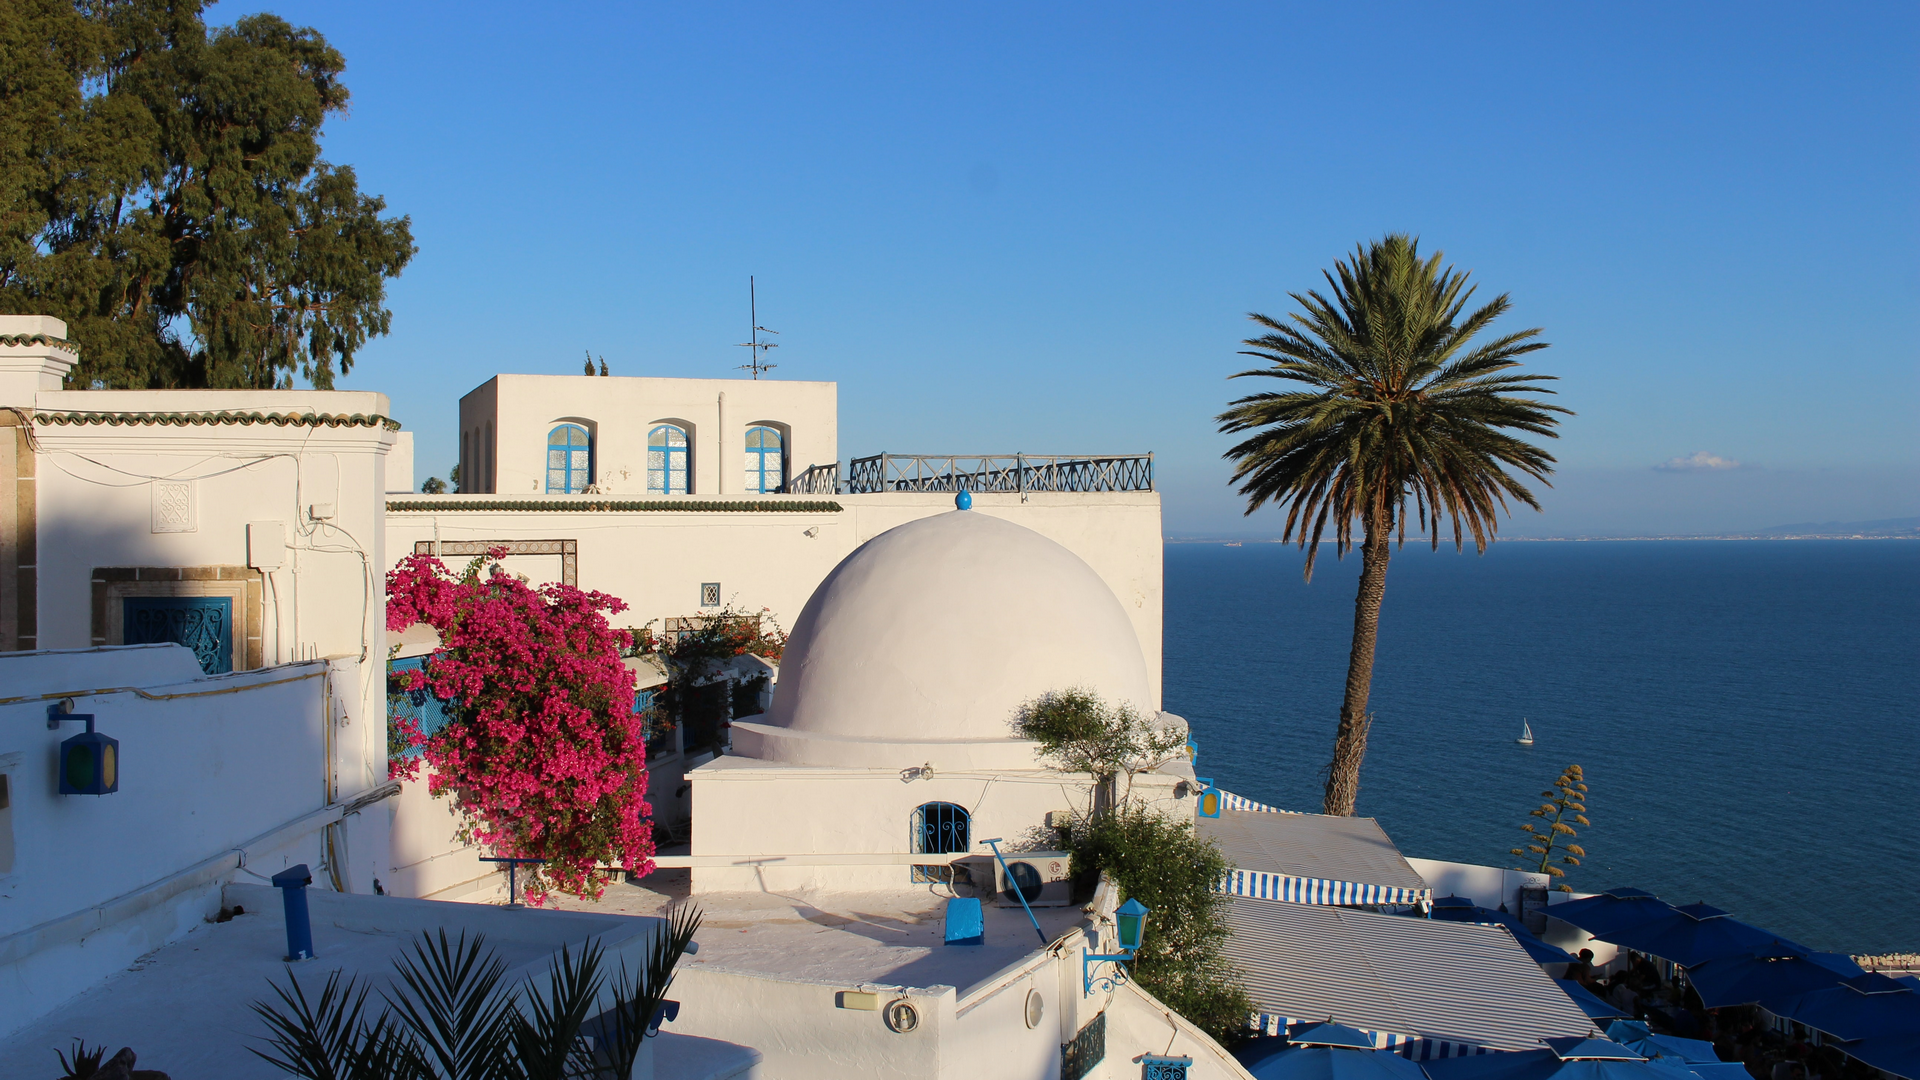 A view in Tunisia